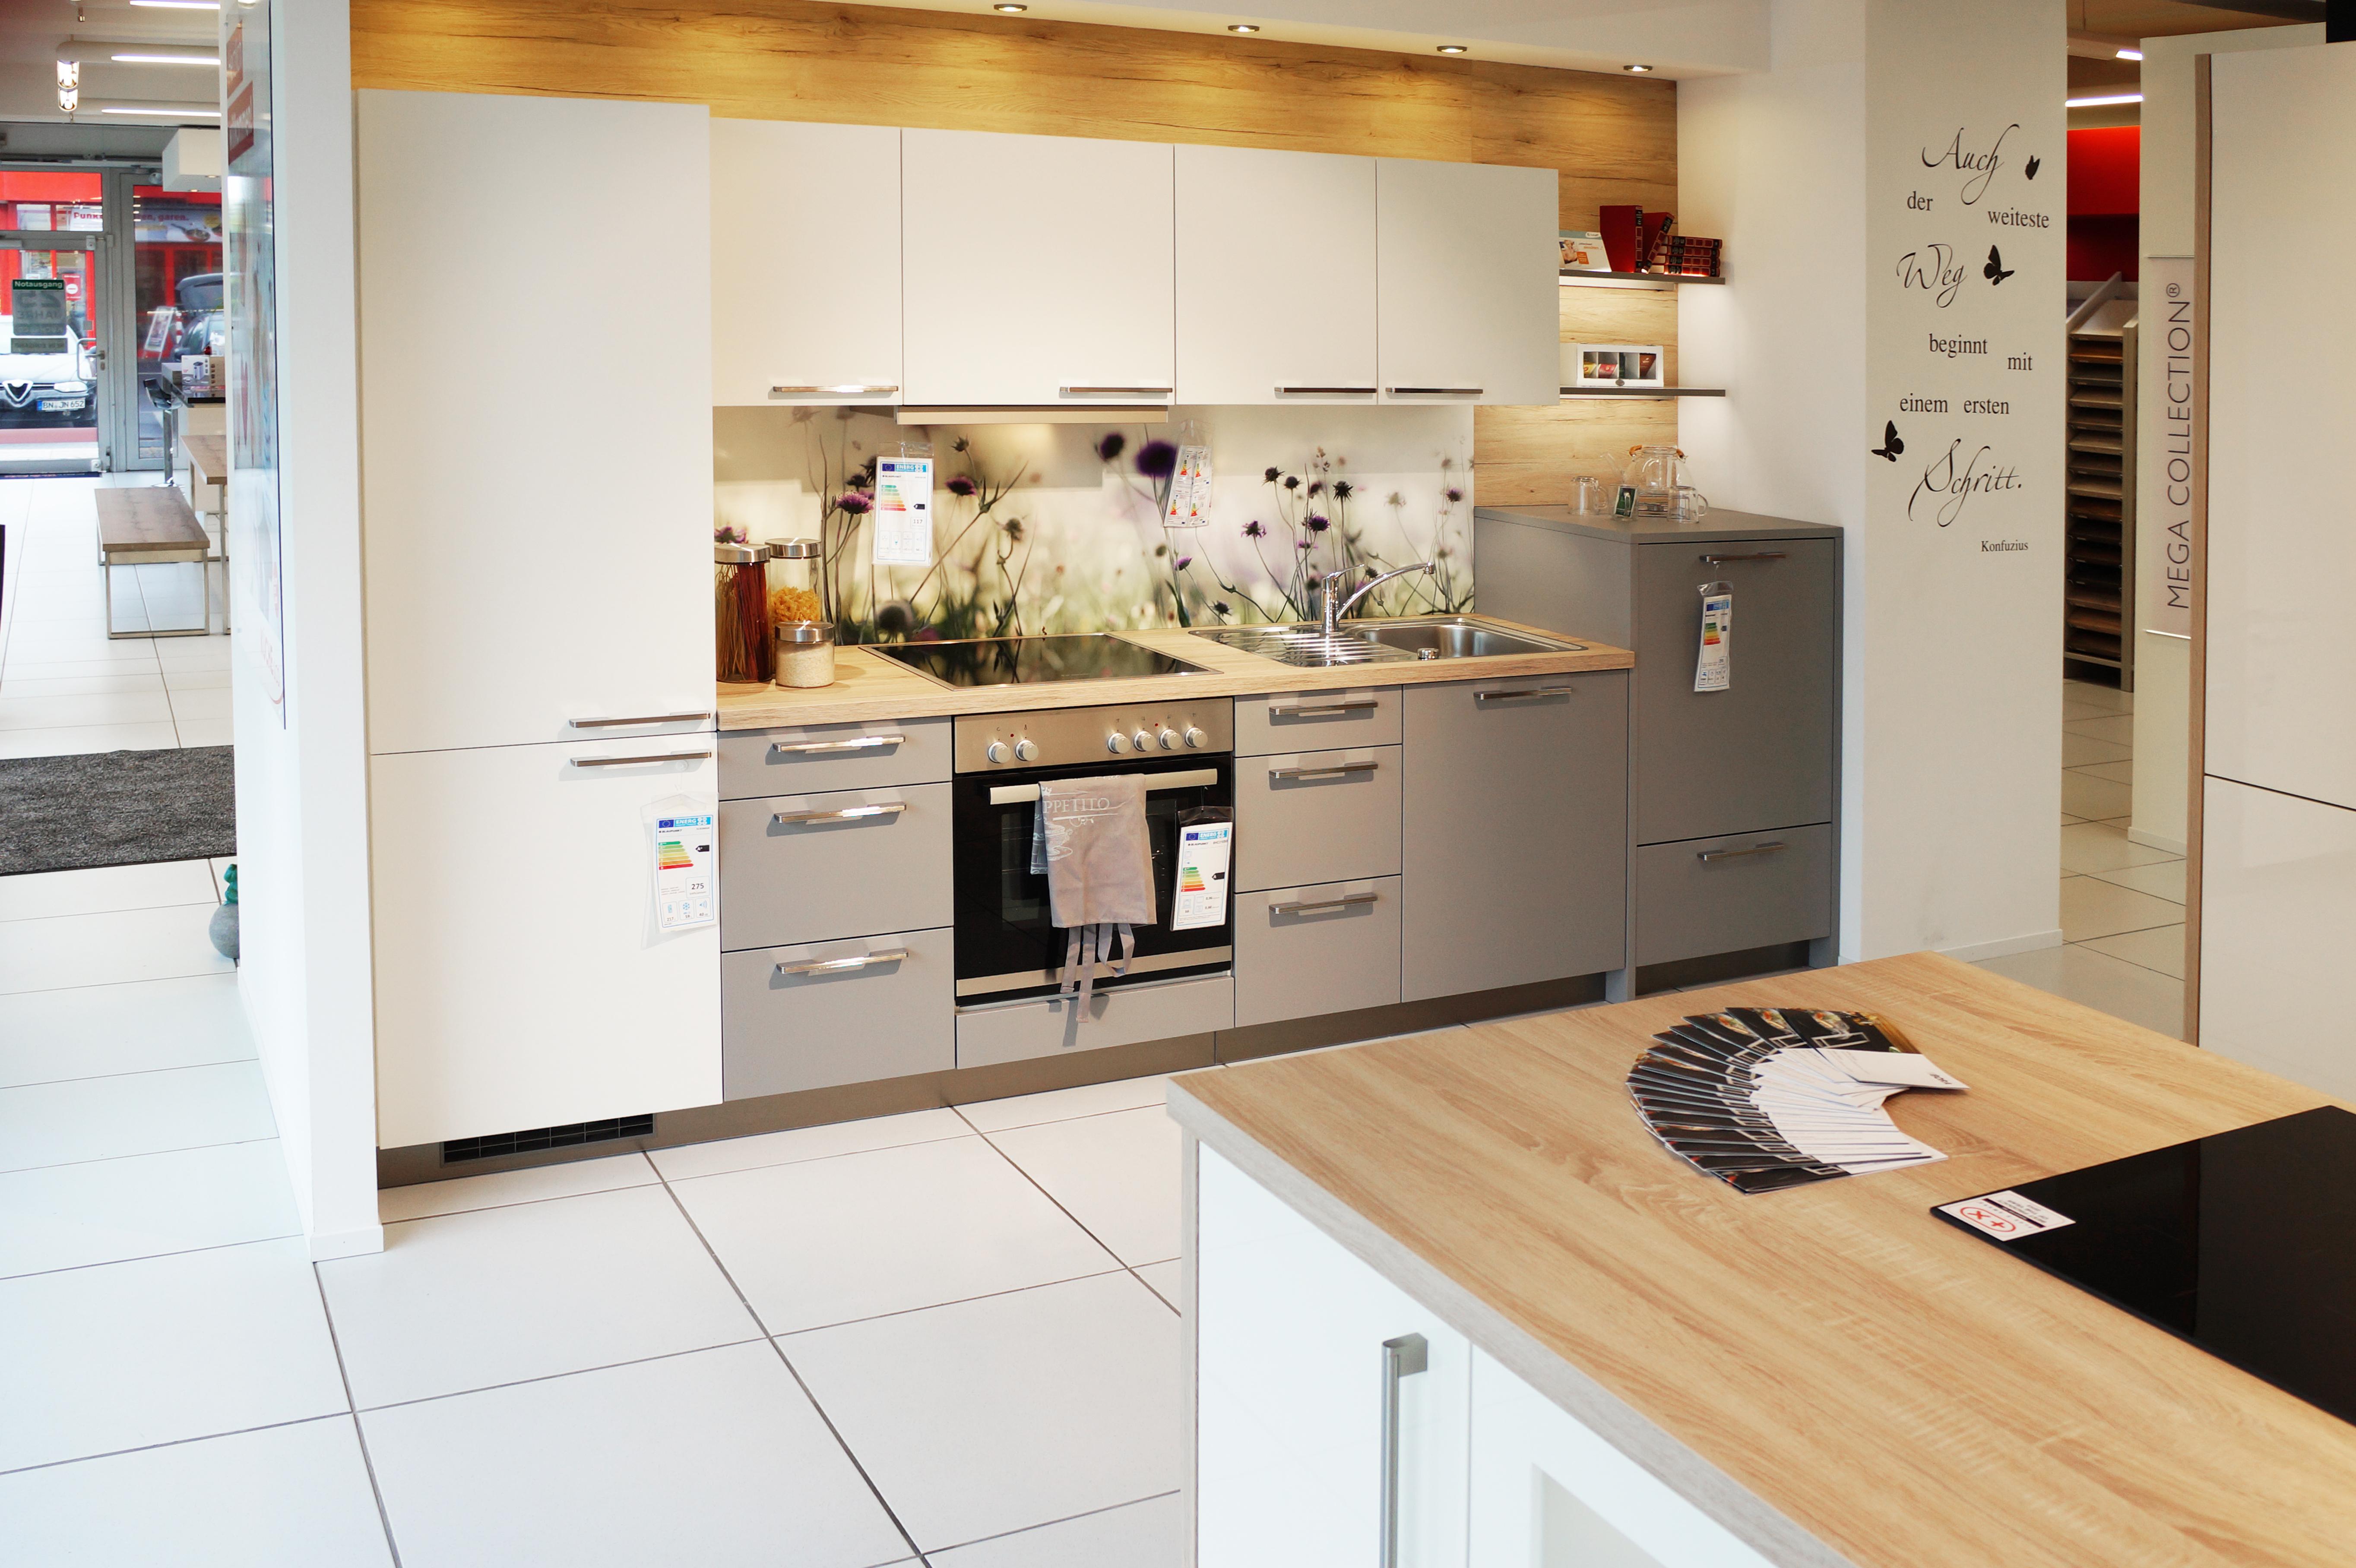 Küchenstudio Bonn » Küchen kaufen - » Küchen kaufen - Küche&Co